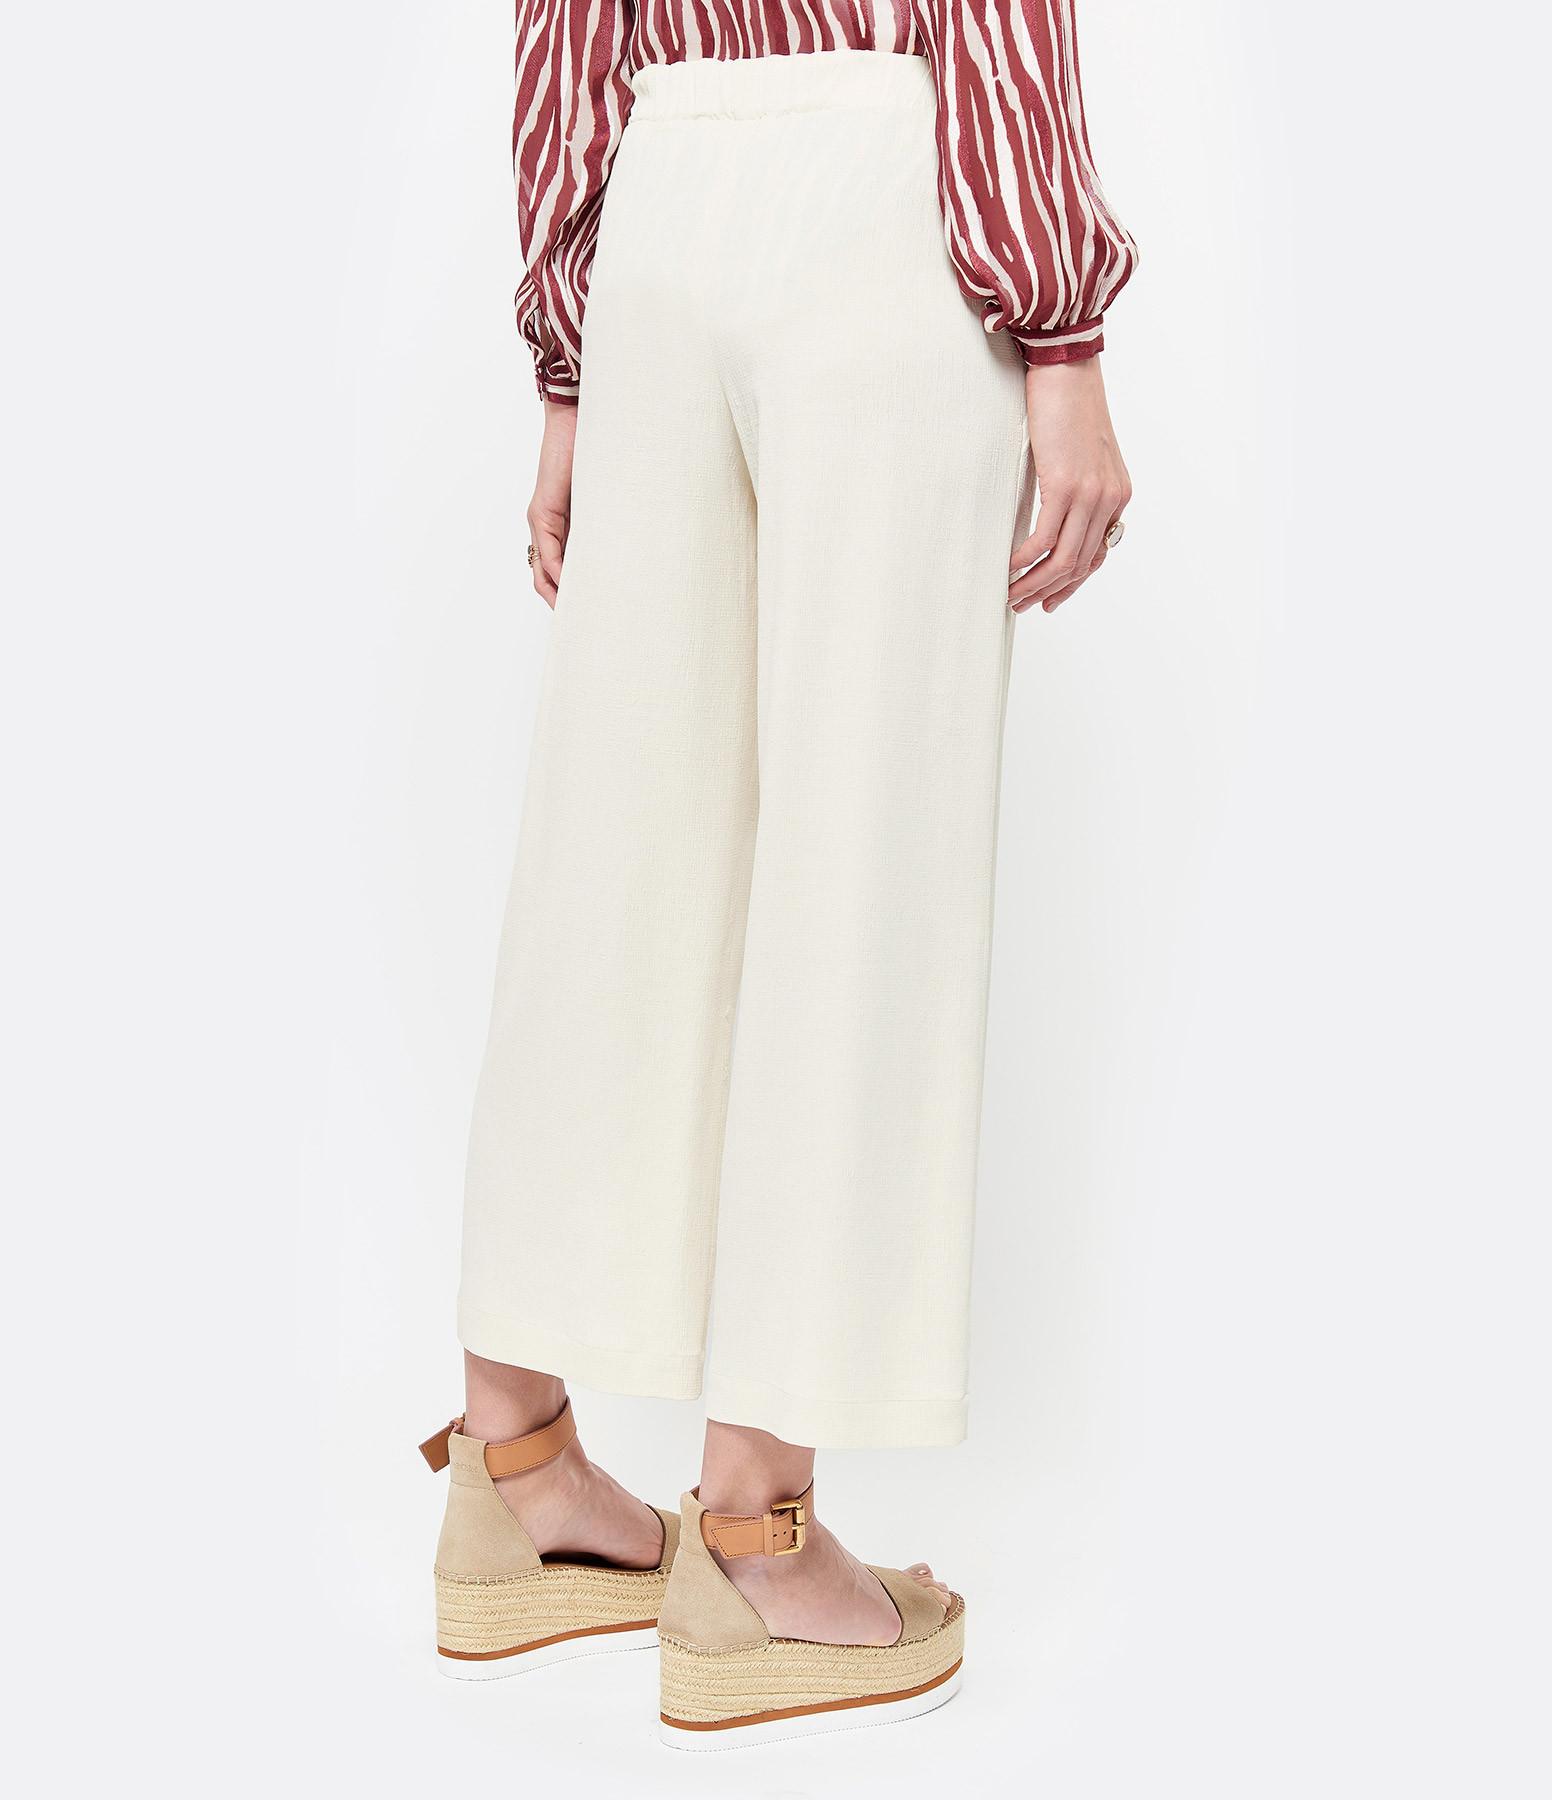 VANESSA BRUNO - Pantalon Lyor Crème